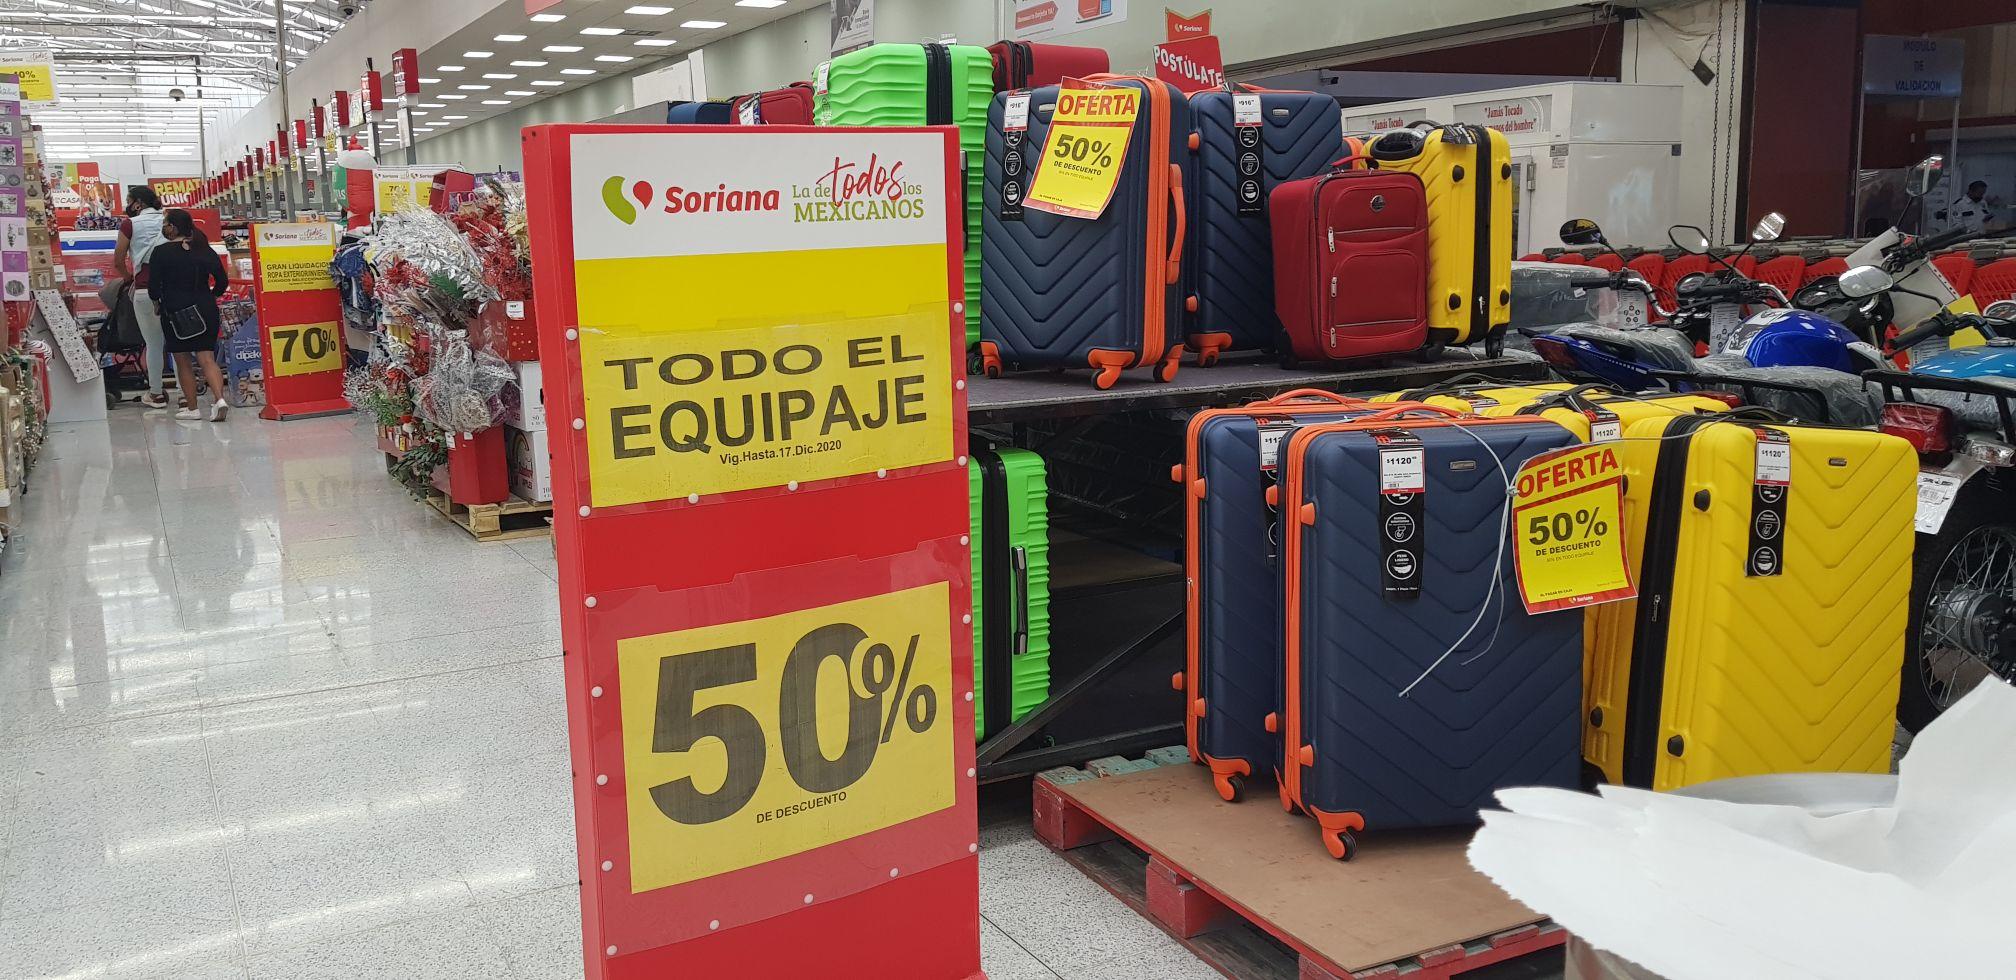 SORIANA LA VILLA: maletas de viaje al 50% de descuento